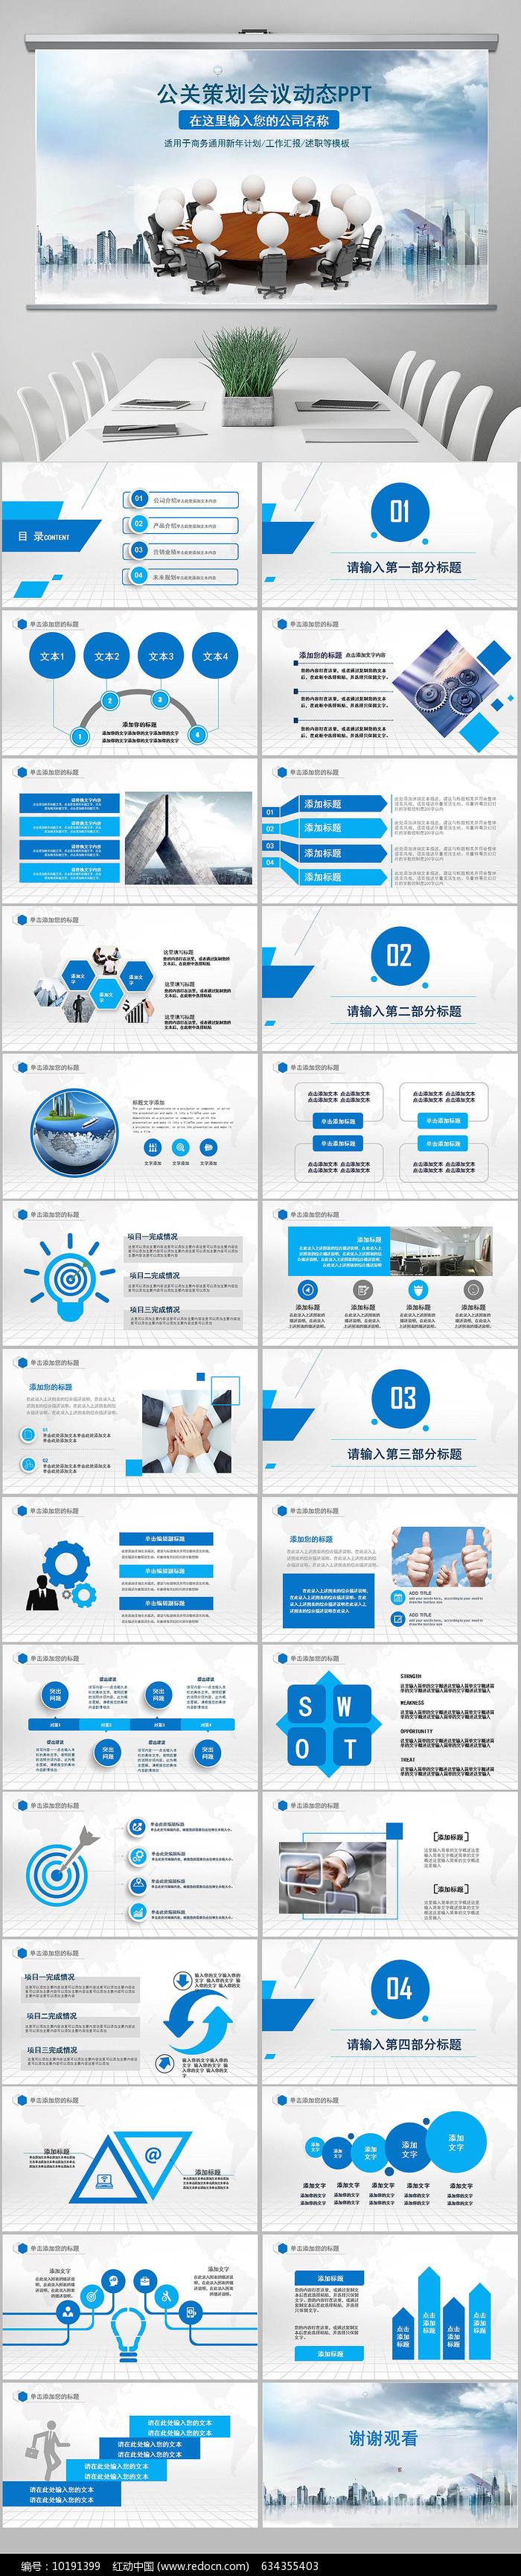 组织营销活动策划书方案PPT图片